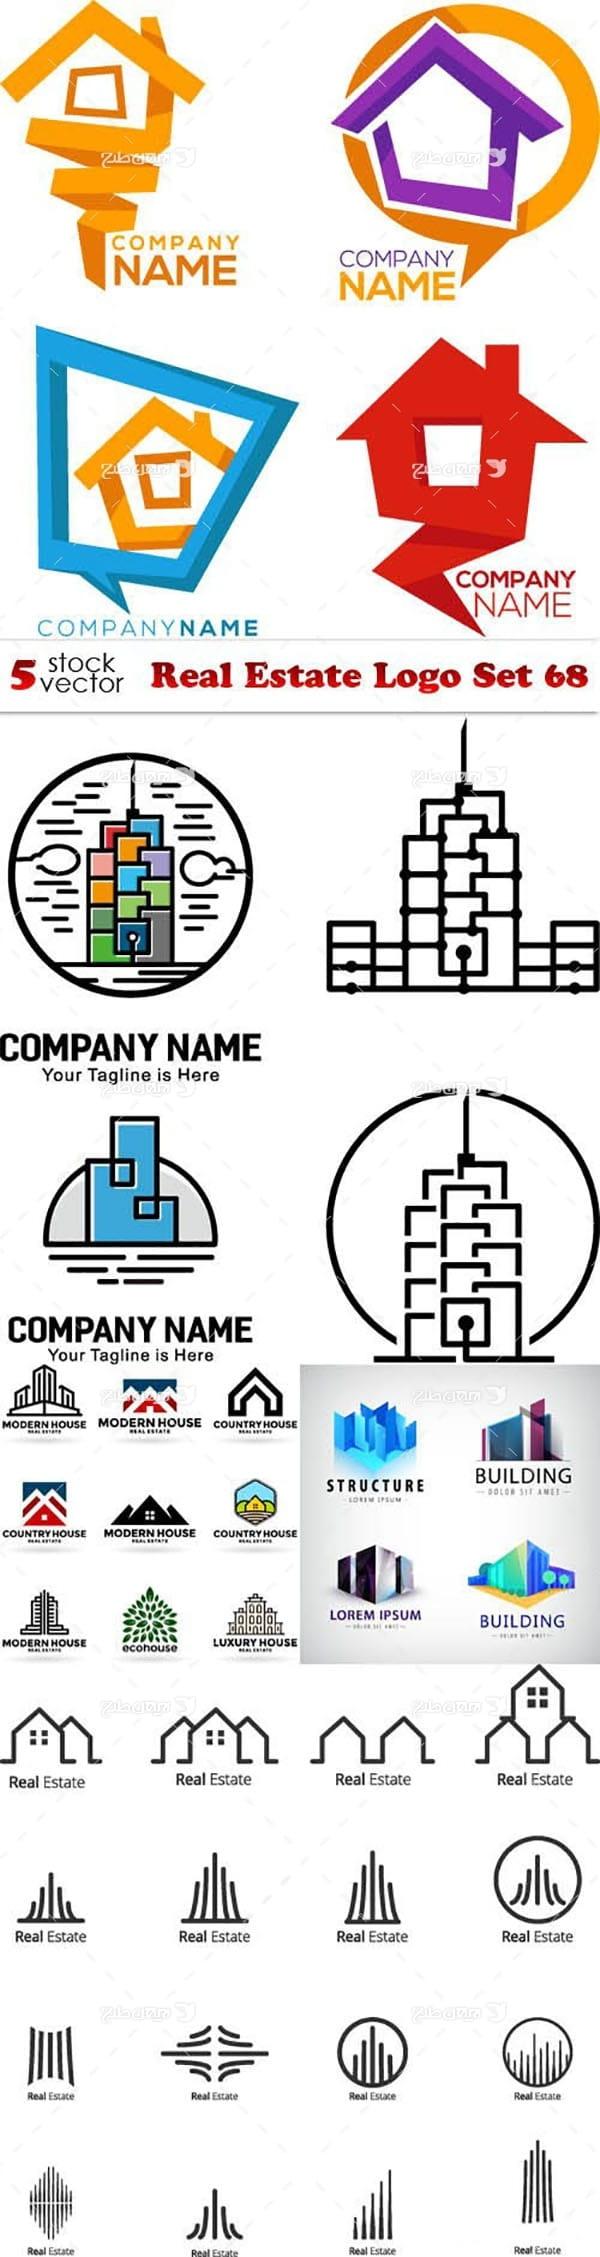 لوگو با موضوع ساختمان سازی و خانه سازی